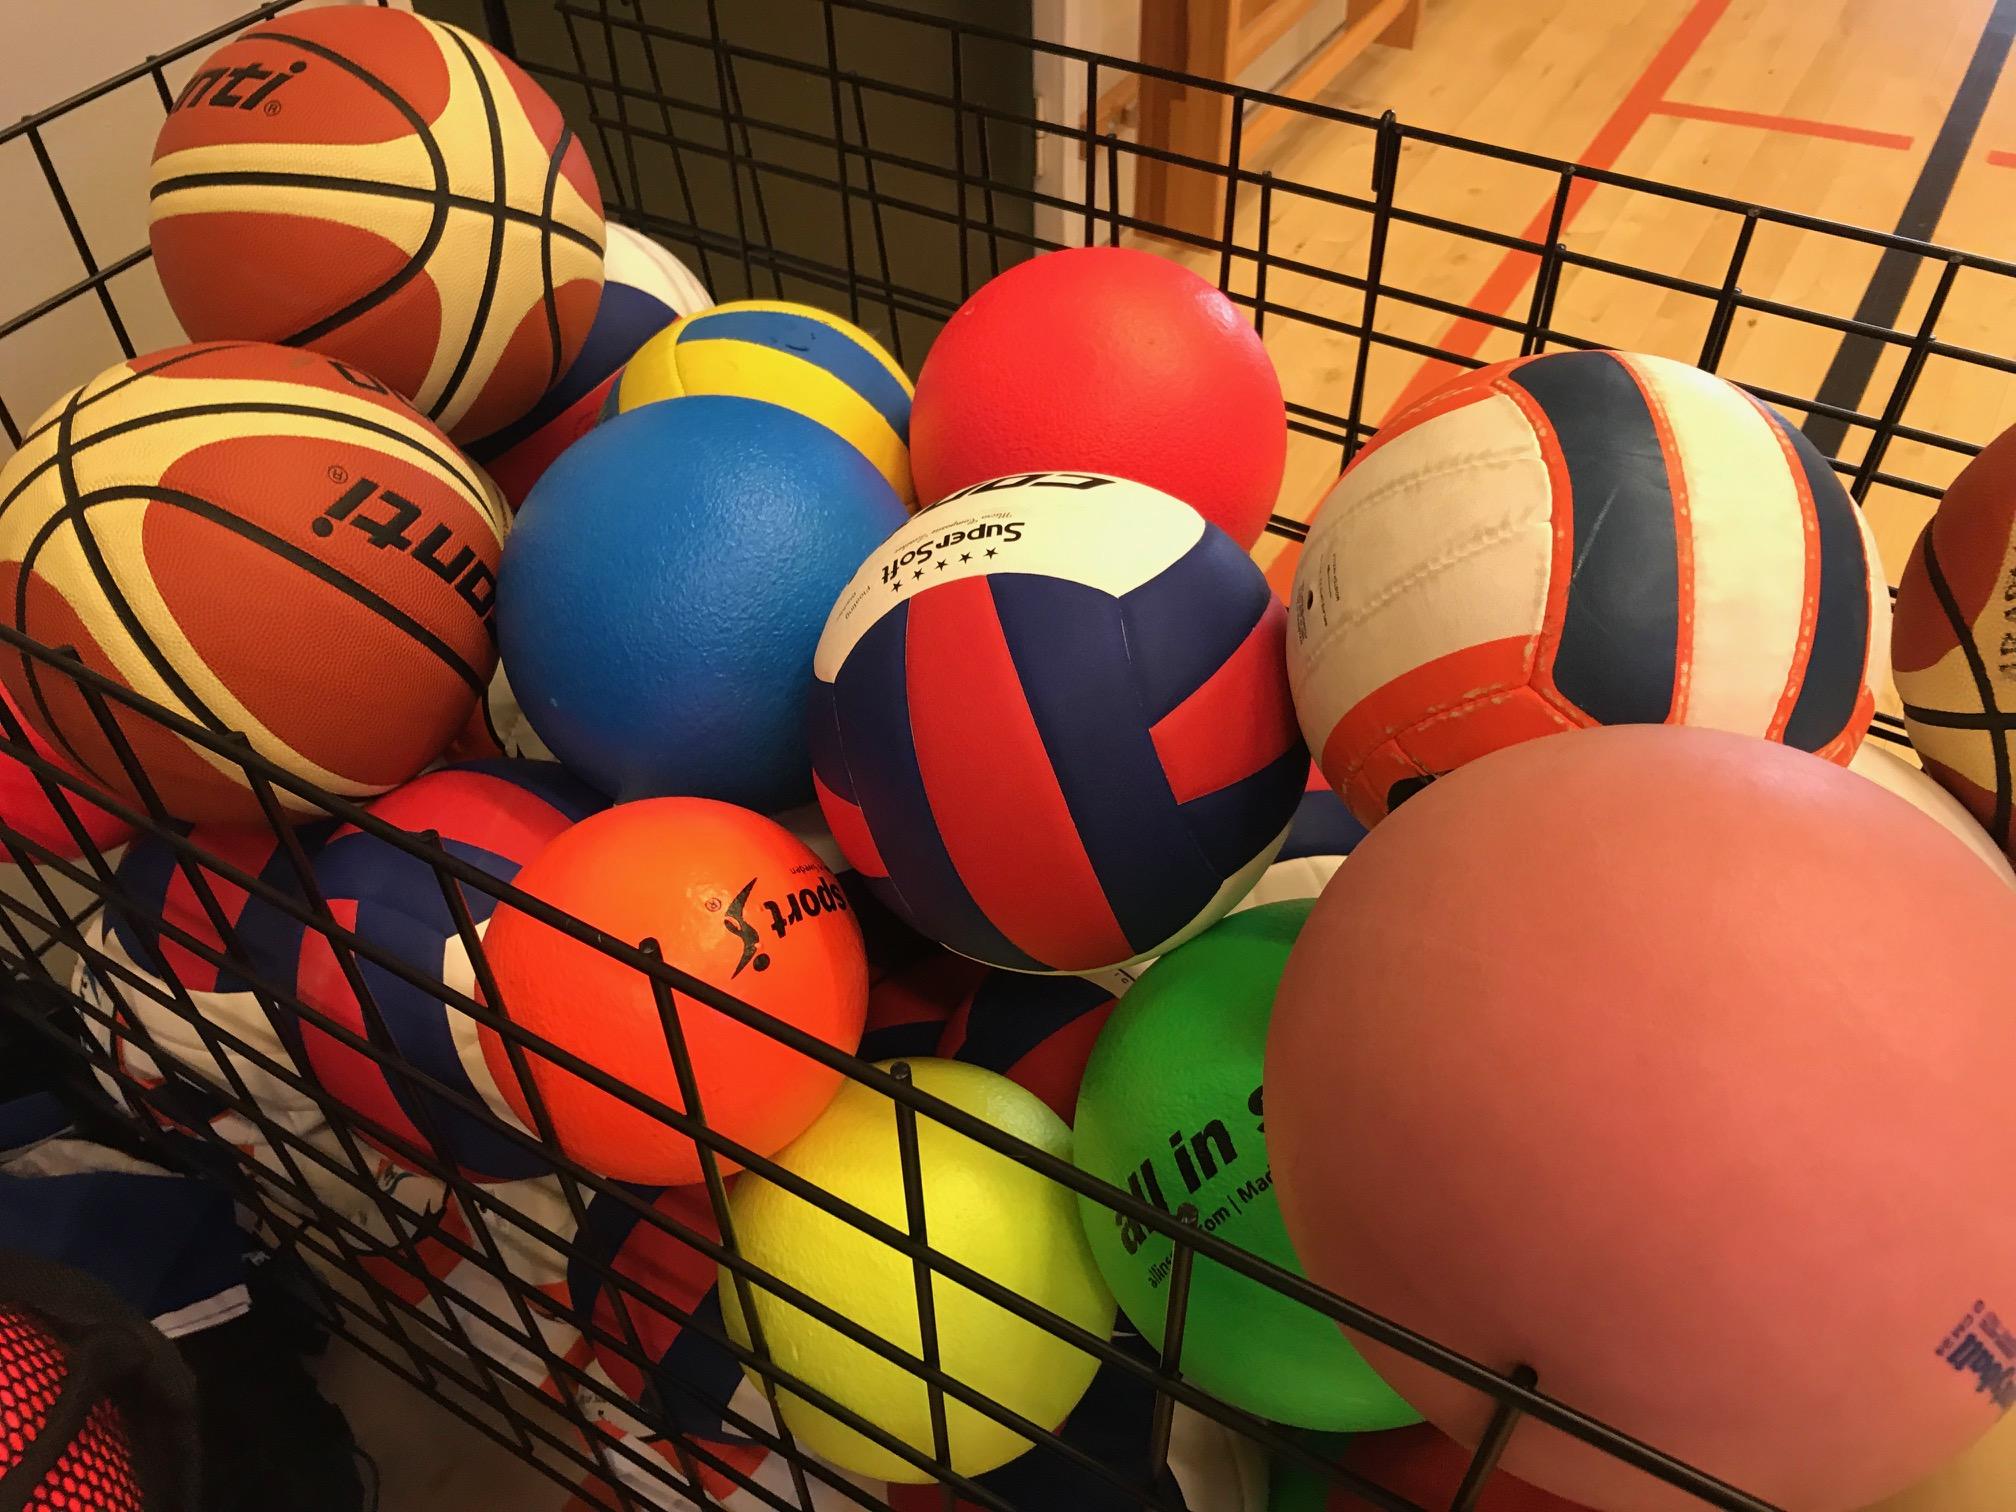 Unisport koululiikunta koripallo lentopallo vaahtomuovipallo allinsport